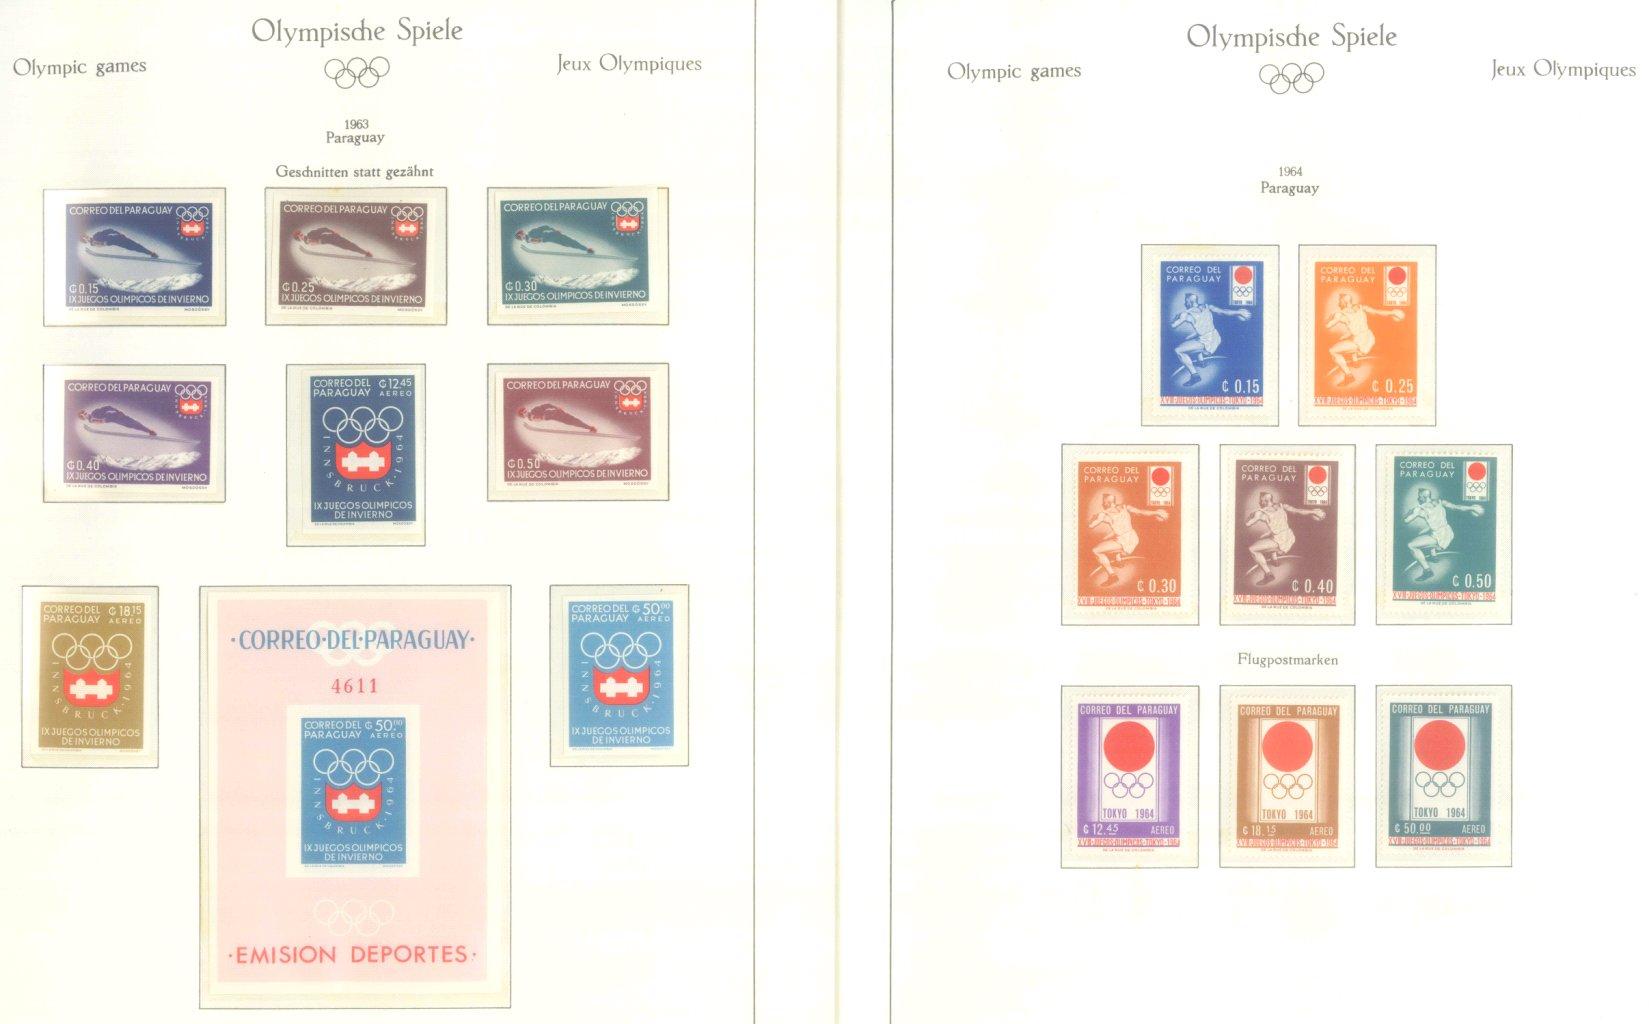 OLYMPISCHE SPIELE 1964 TOKIO, postfrische Sammlung Teil 2-15